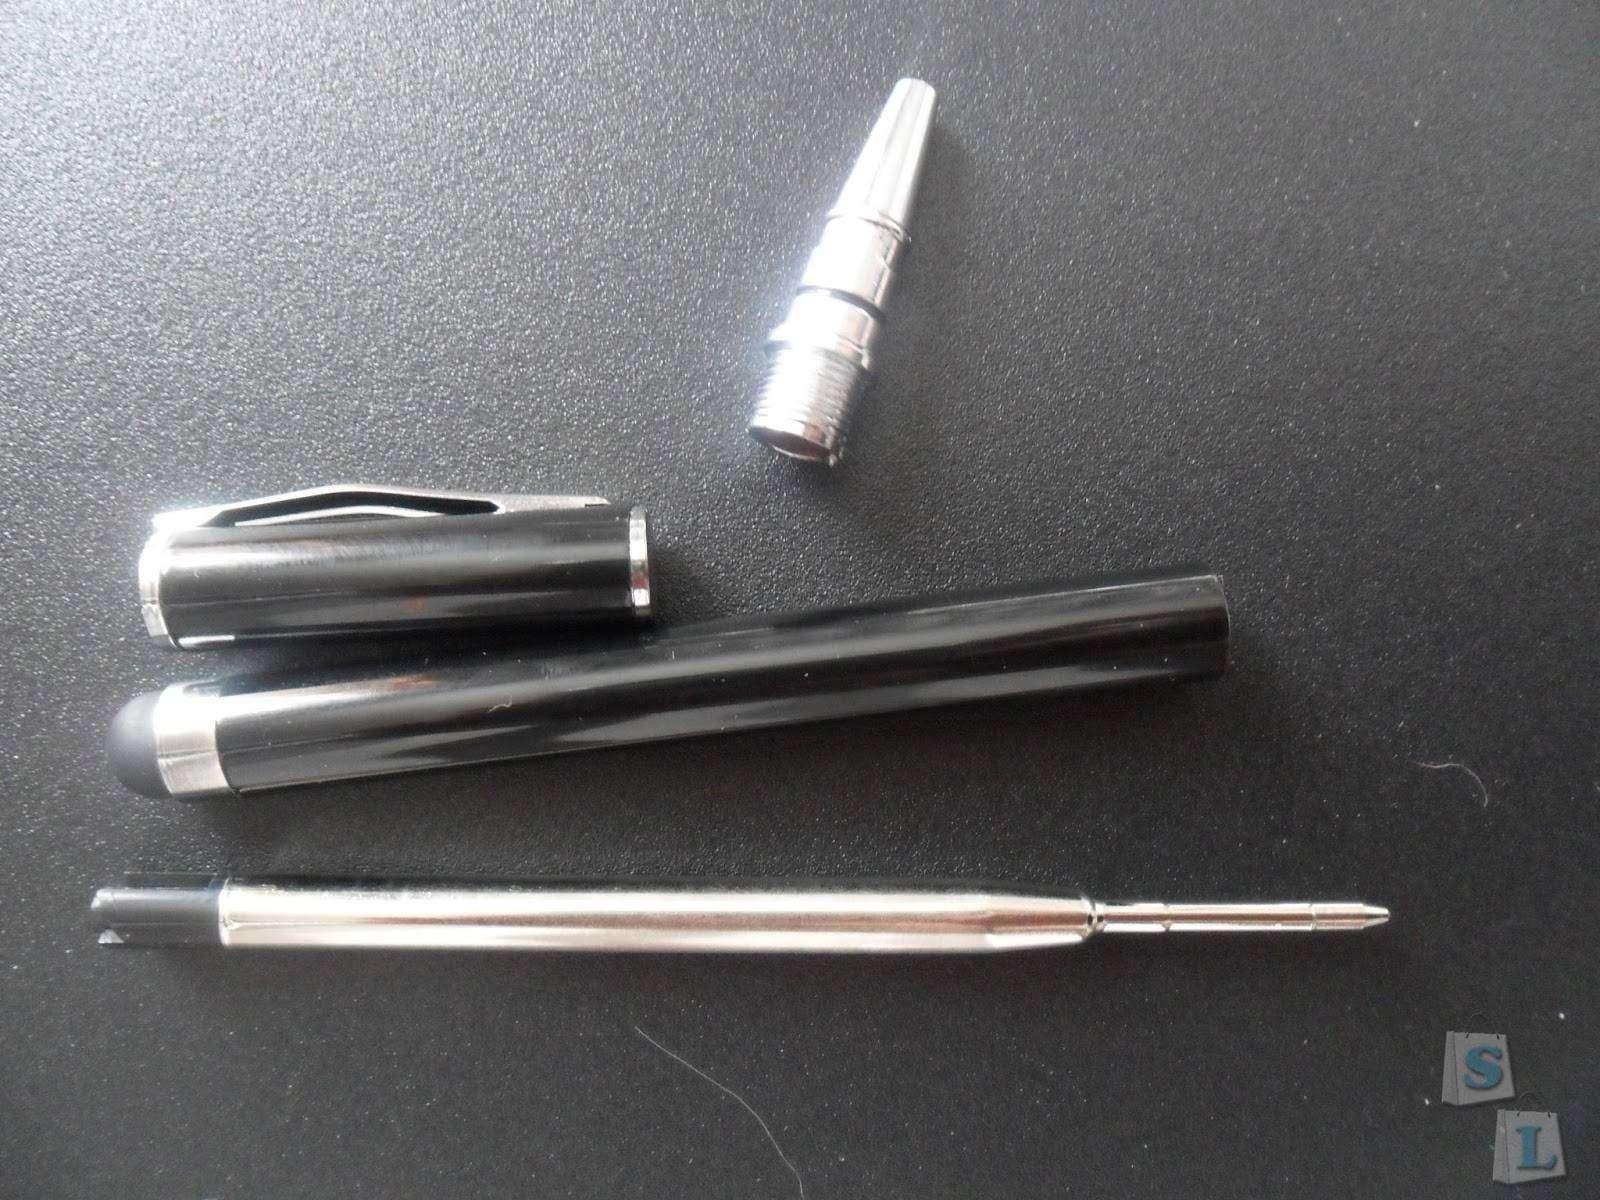 BuyinCoins: Черная шариковая ручка-стилус